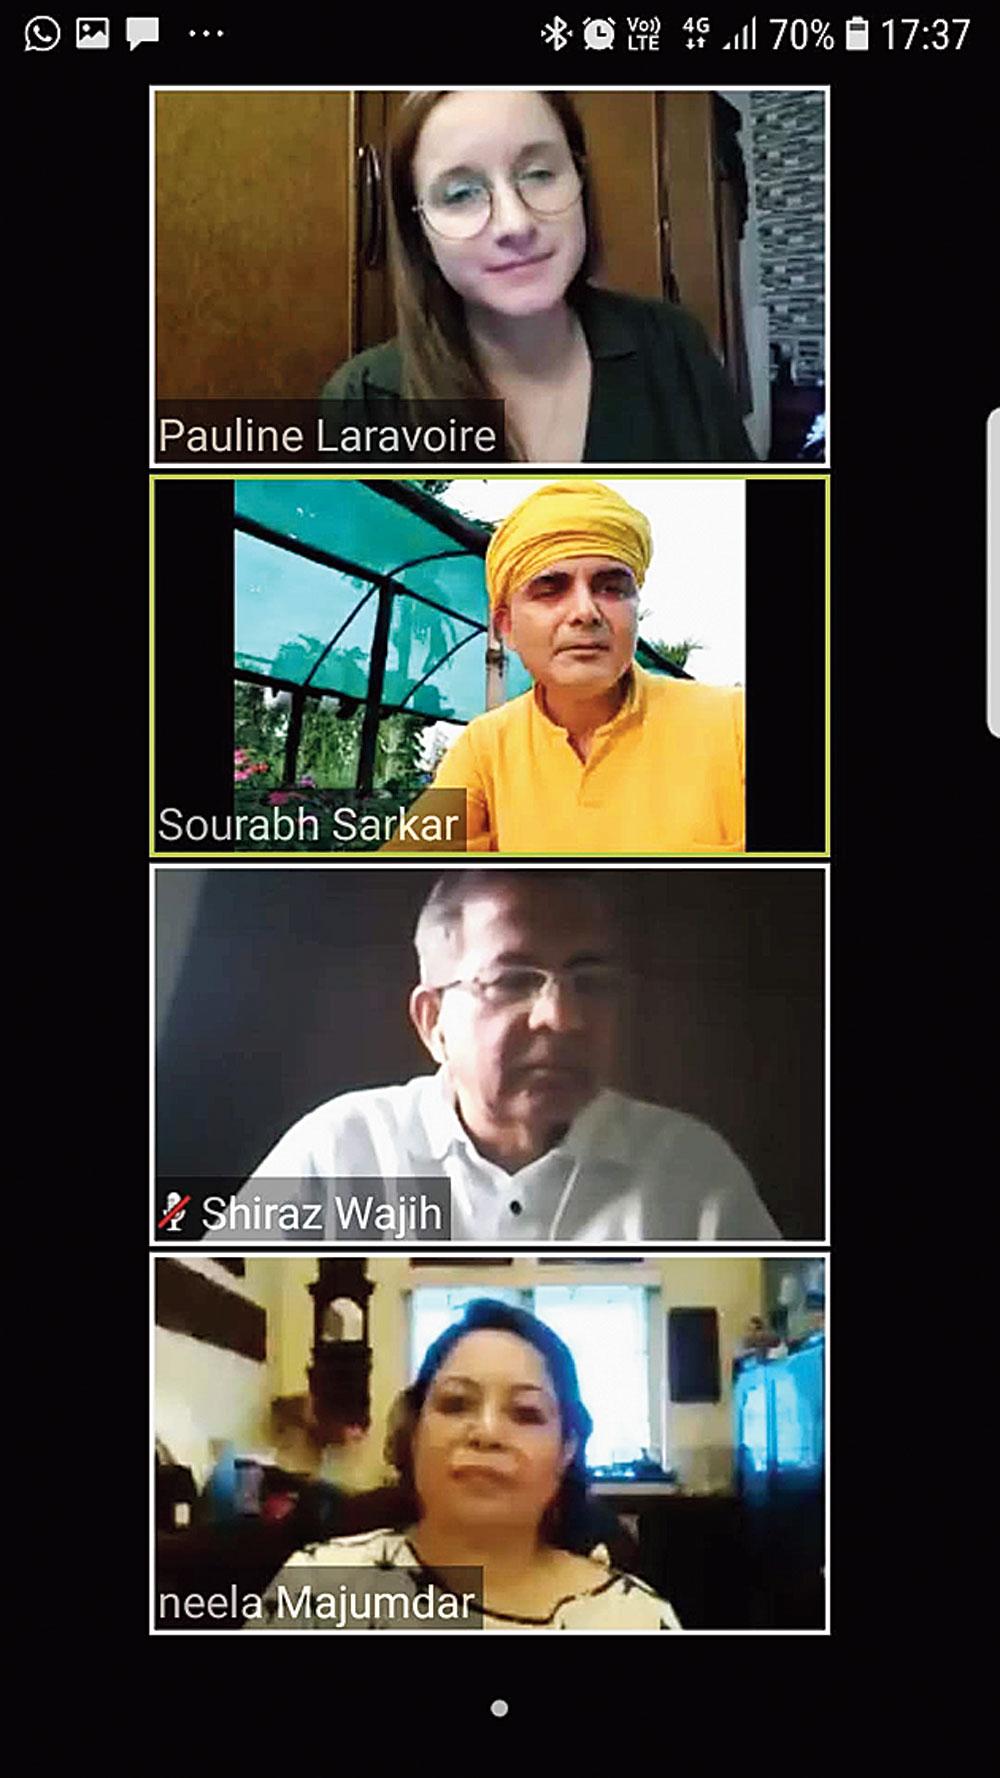 Pauline Laravoire, Sourabh J. Sarkar, Shiraz Wajih and Neela Majumder at the webinar